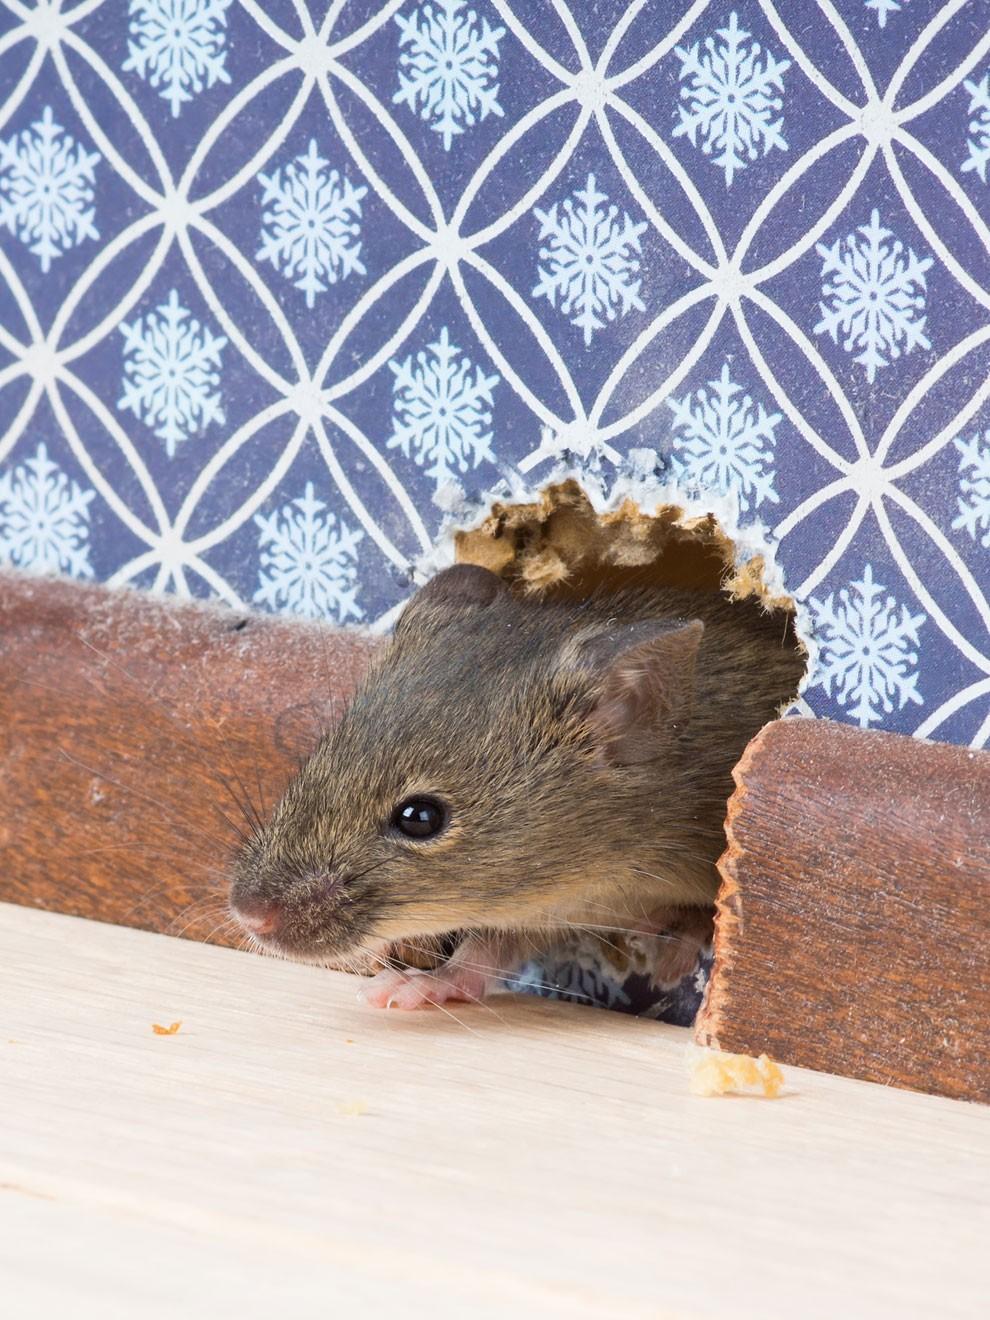 Dónde buscar ratas dentro de un edificio